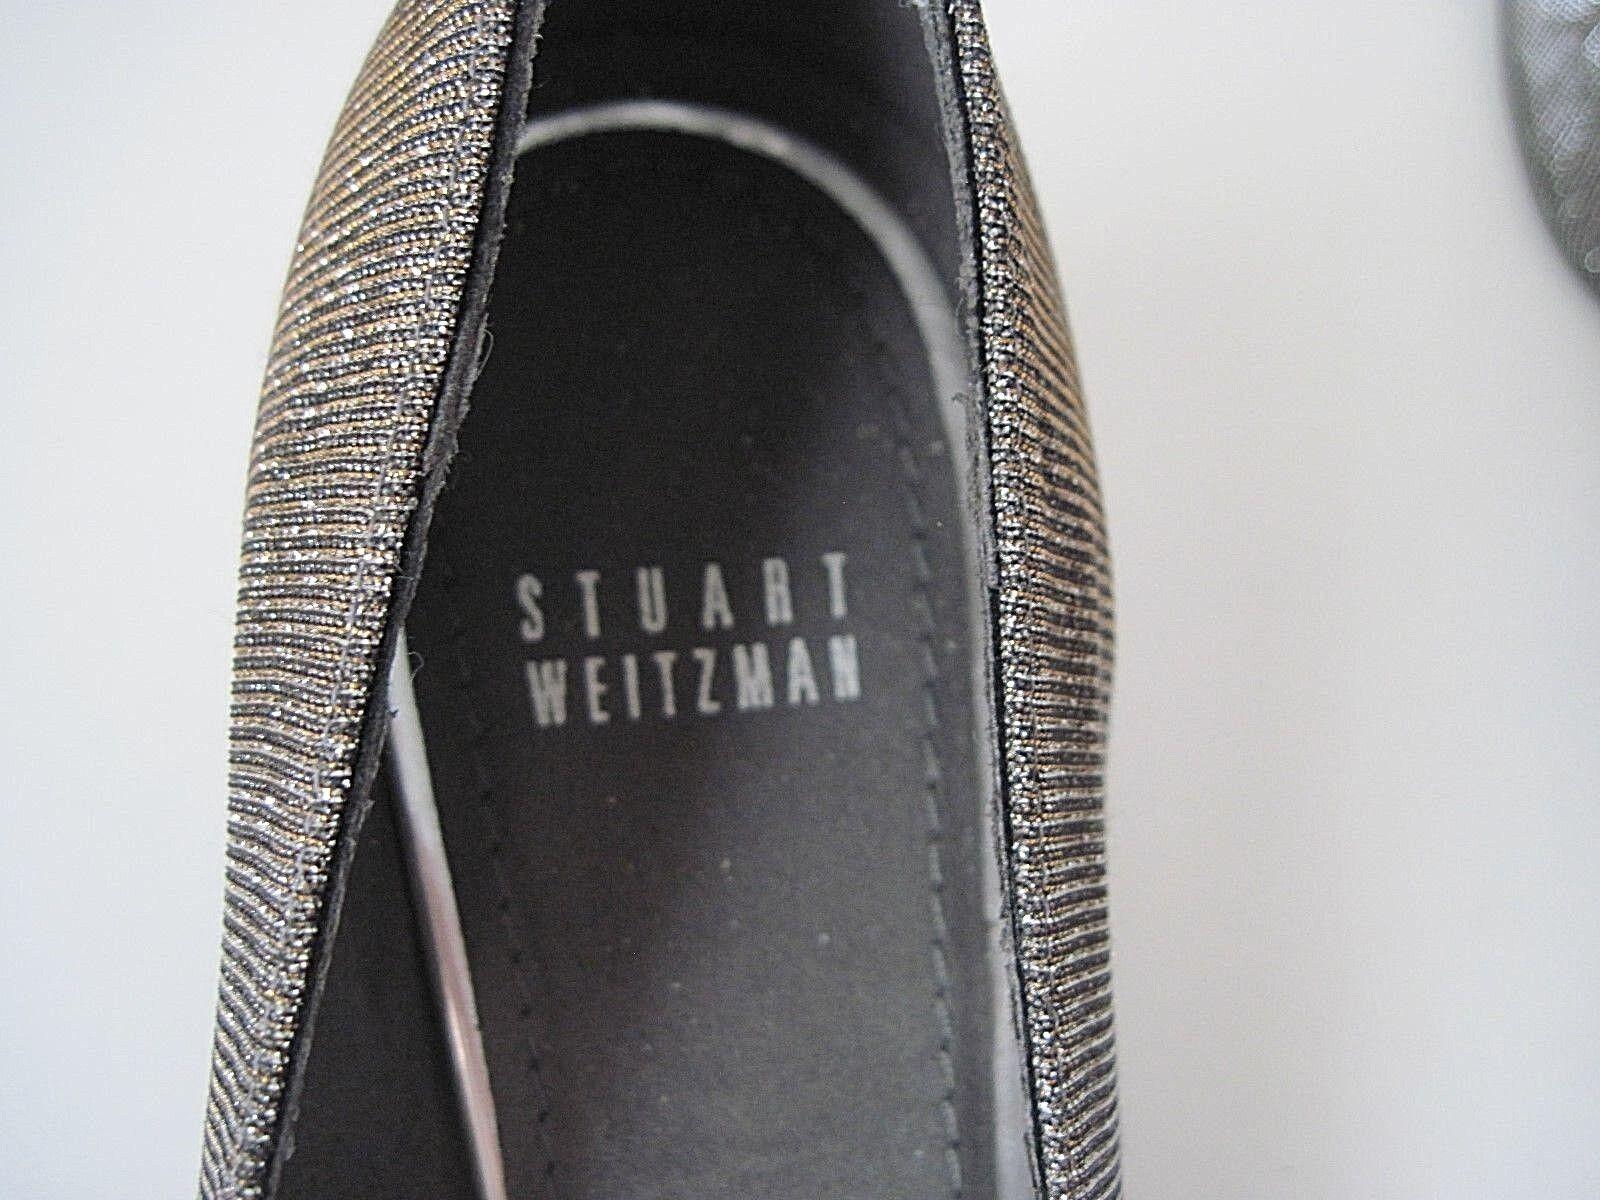 STUART WEITZMAN Silver Silver WEITZMAN Gold Metallic Shimmering Pumps Heels Größe 8M, Excellent bc0a0d